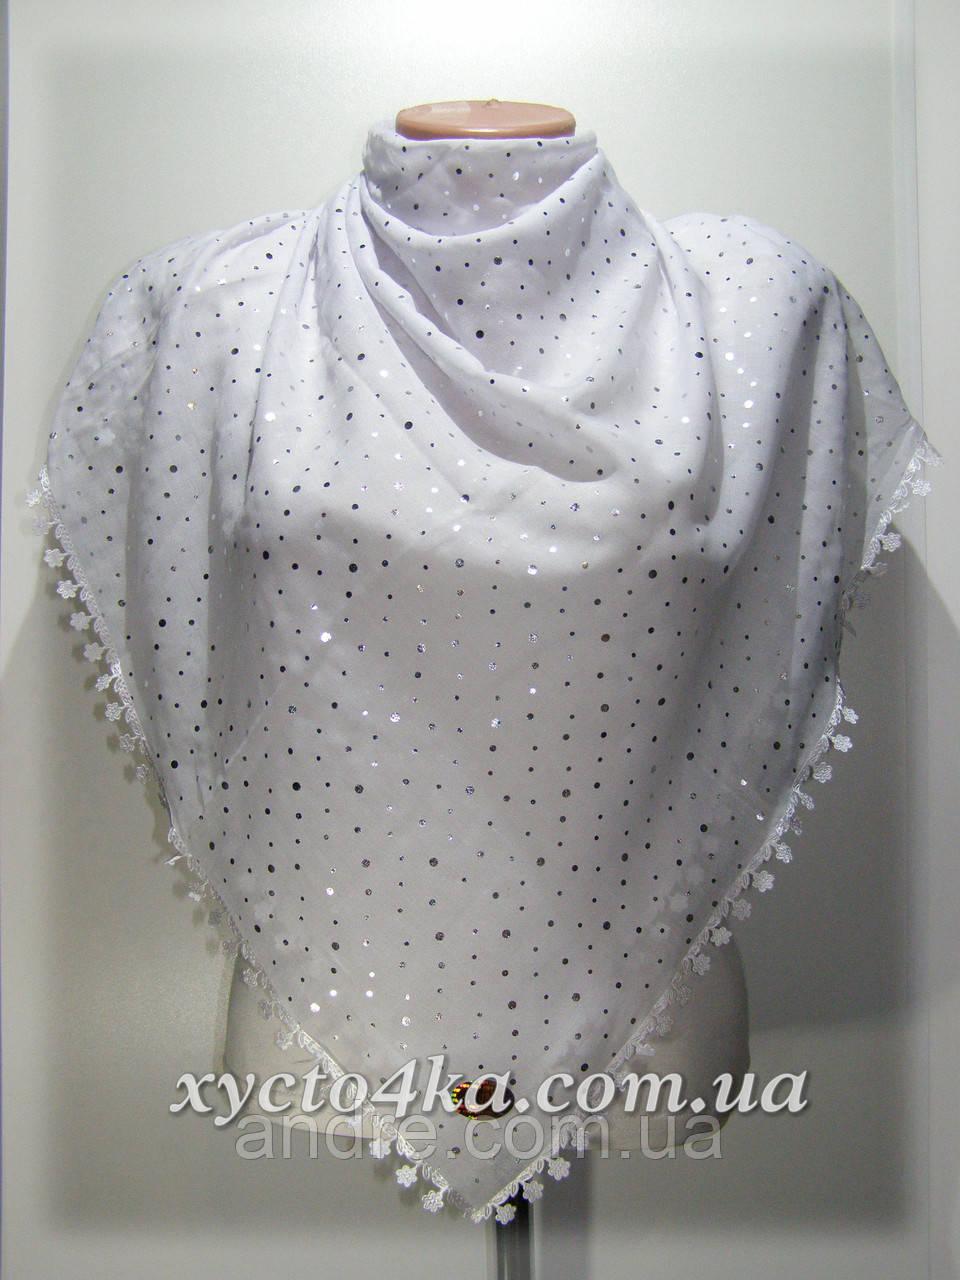 Нарядный натуральный платок, горошки